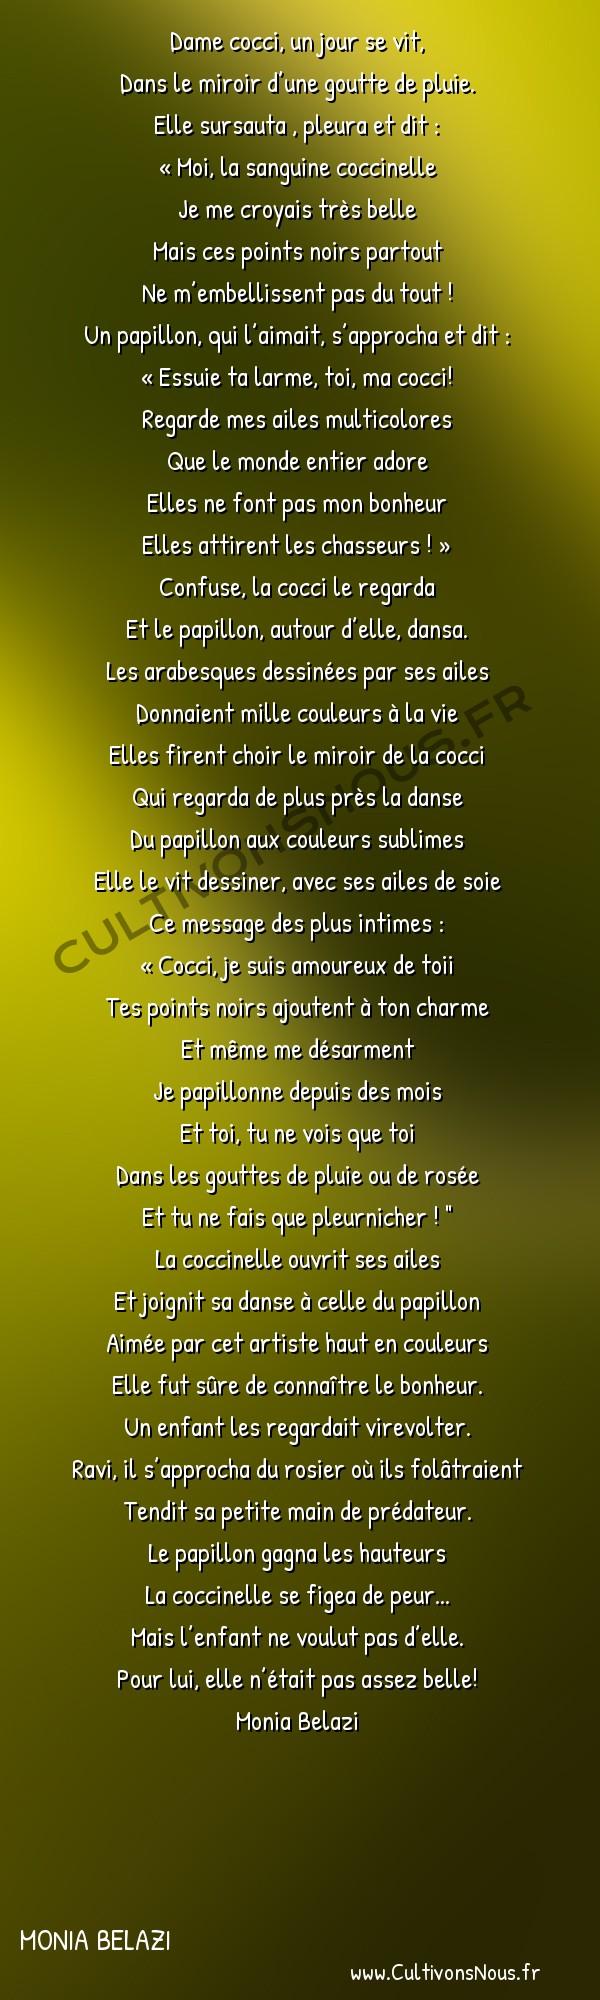 Poésies contemporaines - Monia Belazi - DAME COCCI … -  Dame cocci, un jour se vit, Dans le miroir d'une goutte de pluie.